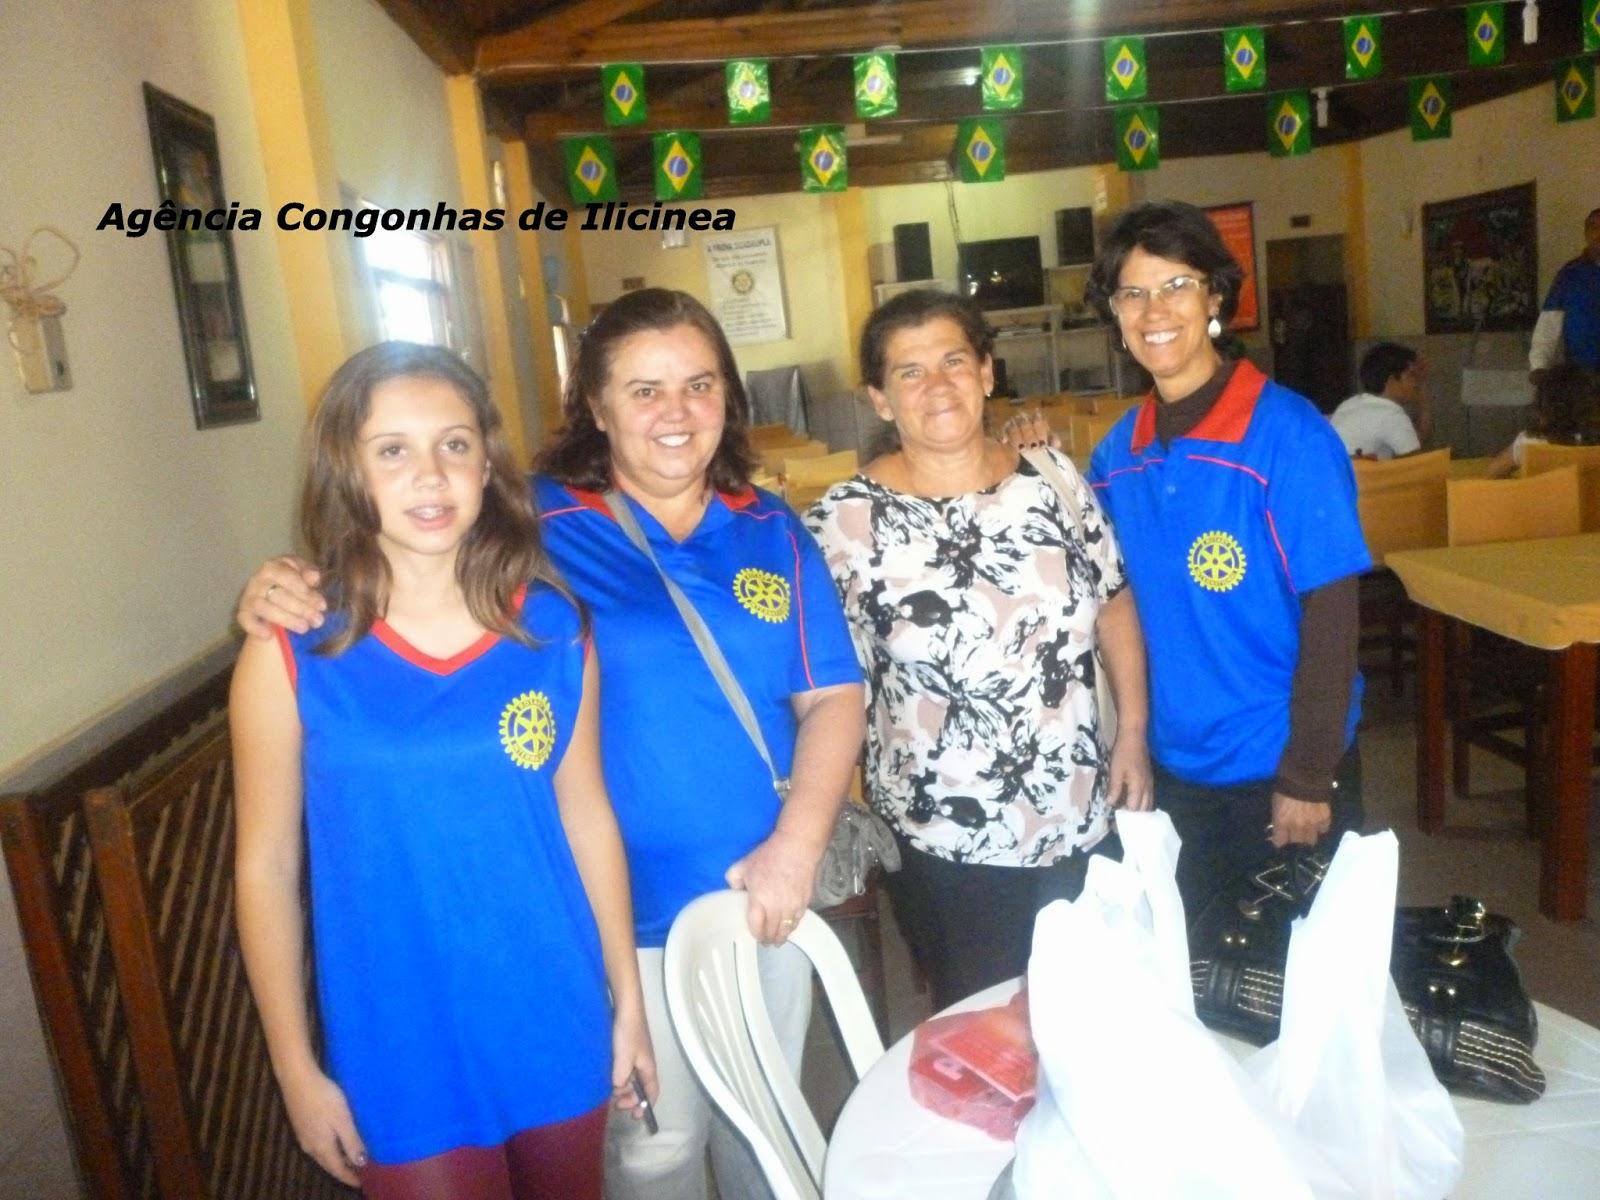 Rotary de Ilicínea